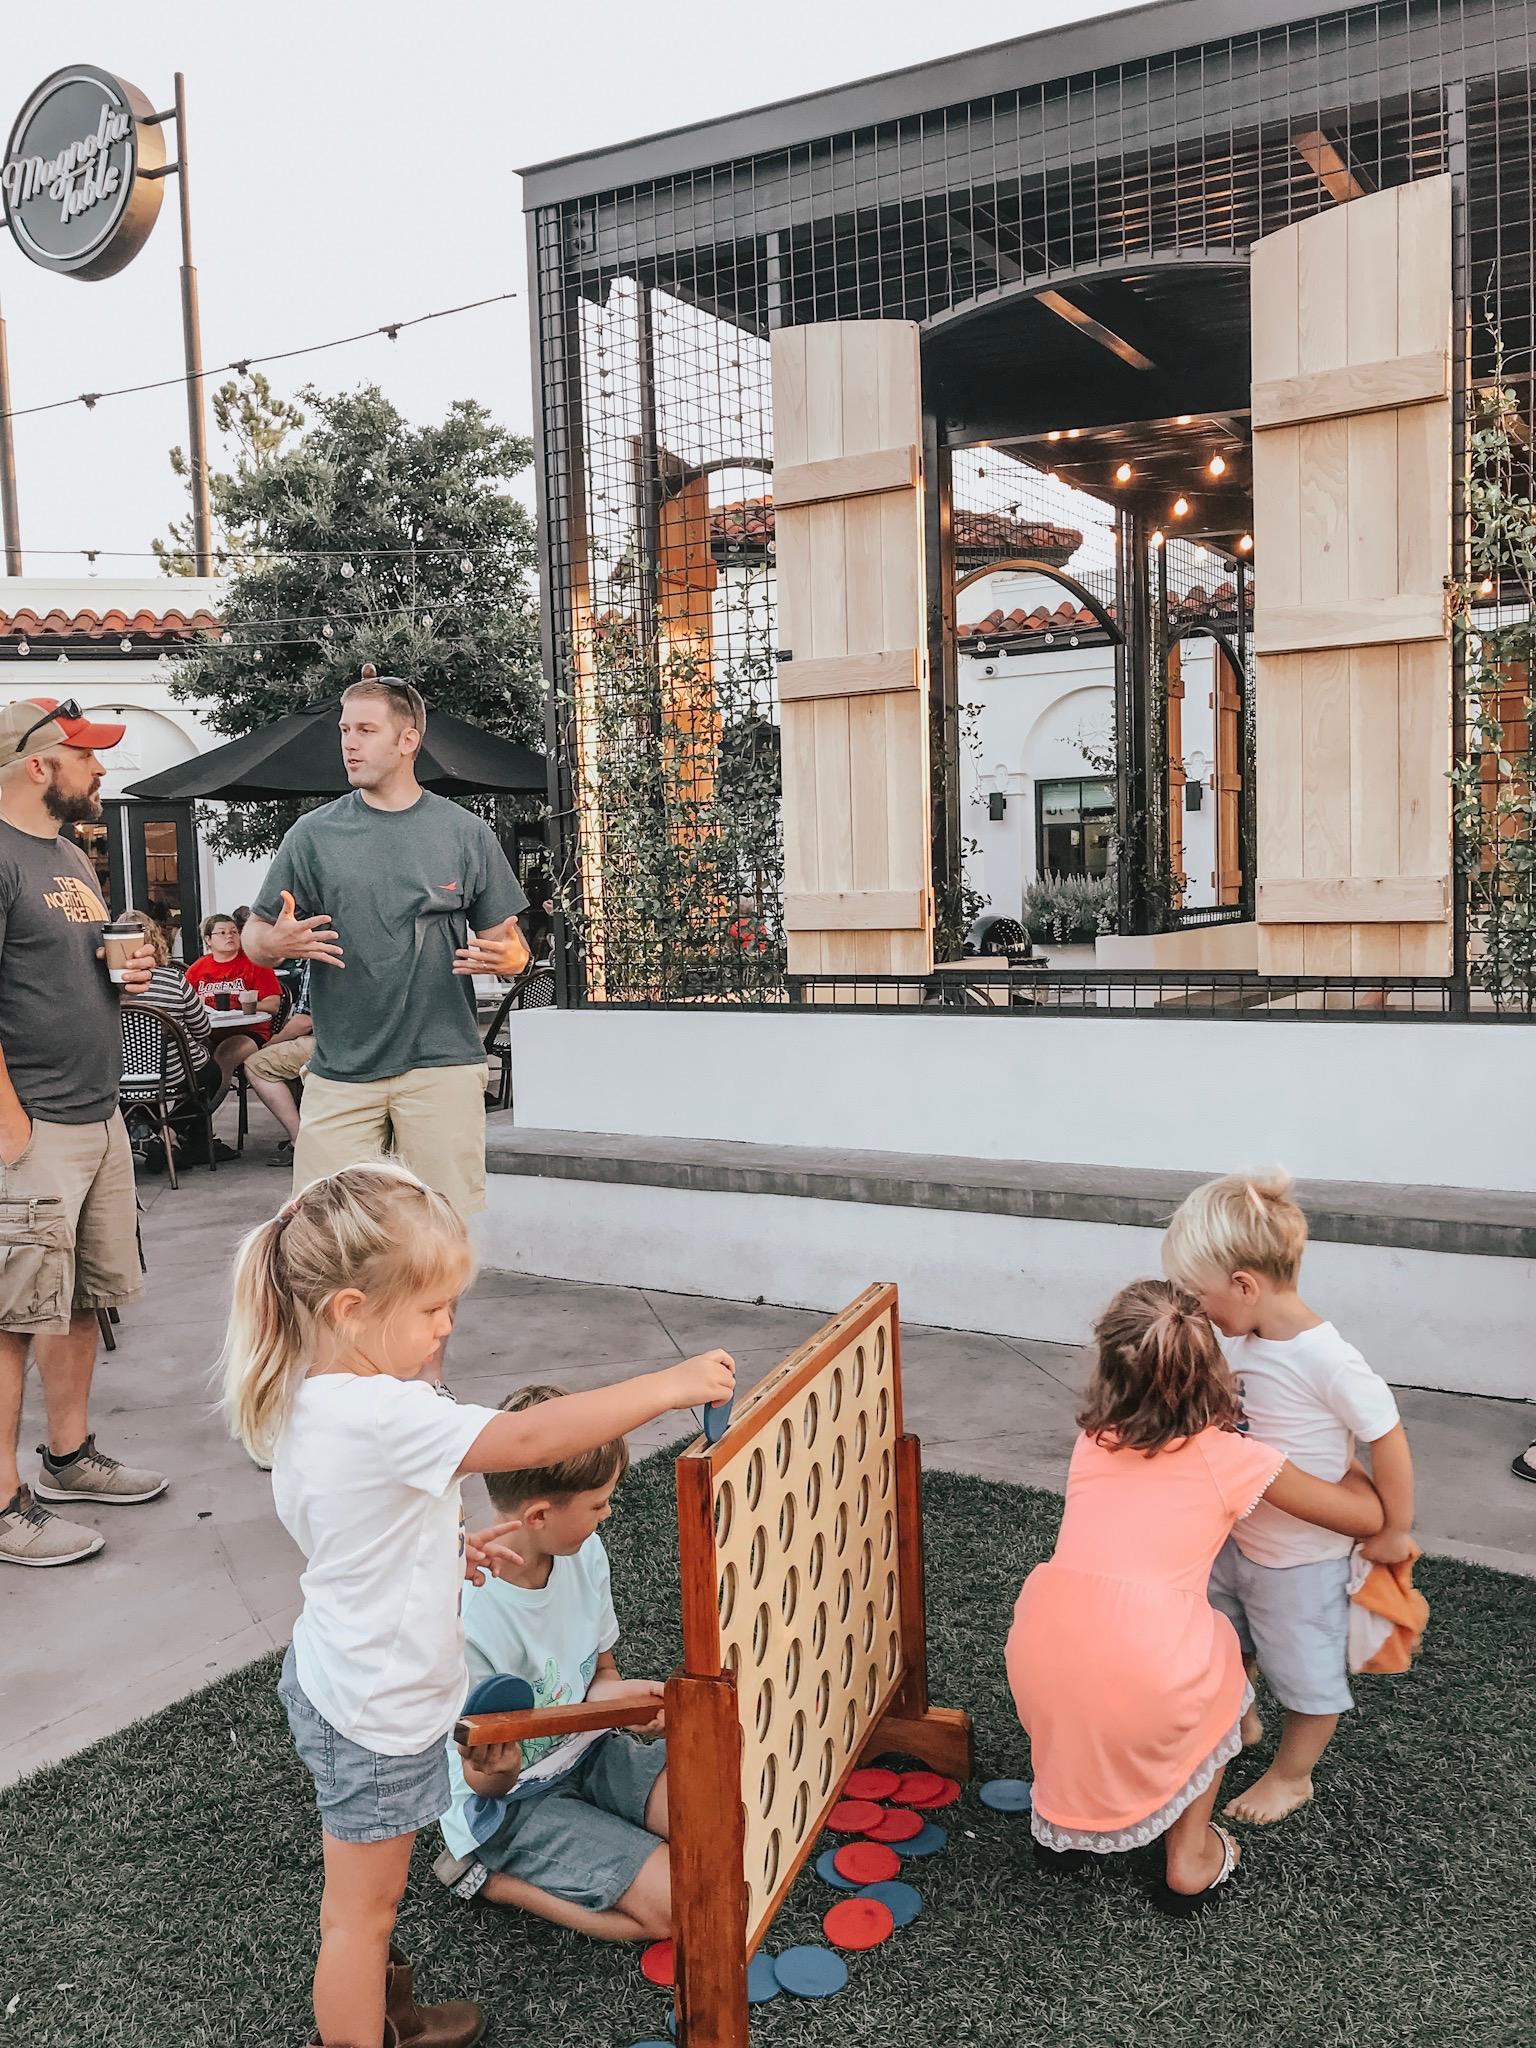 Waco Texas with Kids #familytravel